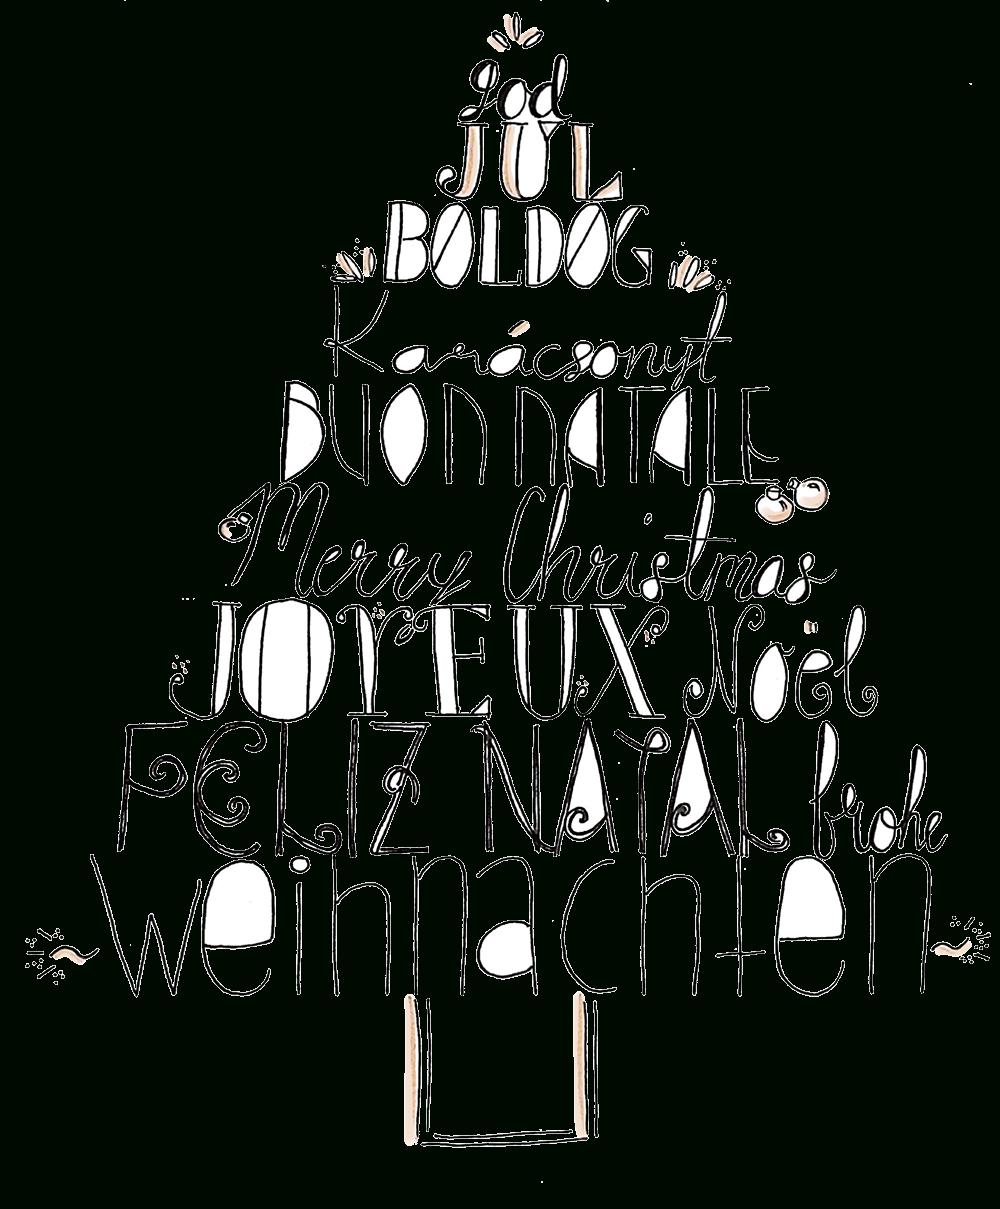 Christmas Special! Get Your Free Christmas Card To Print für Weihnachtskarten Zum Drucken Kostenlos